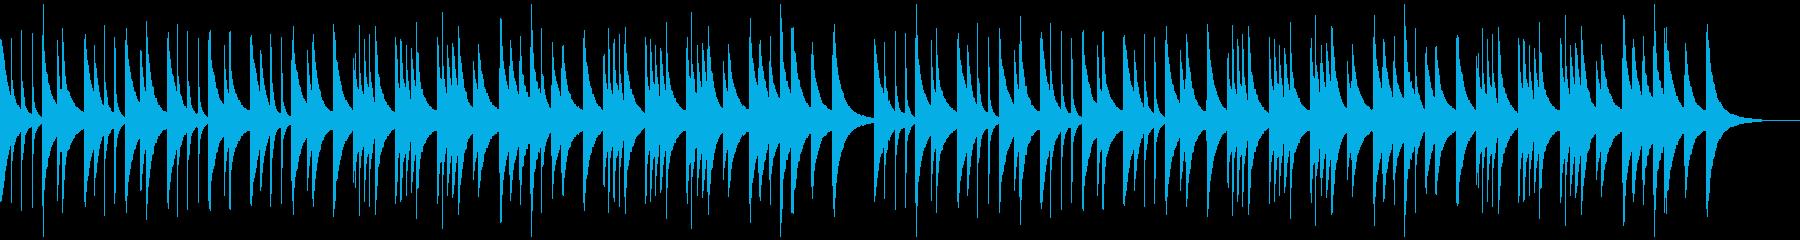 定番Xmasキャロルのオルゴールアレンジの再生済みの波形